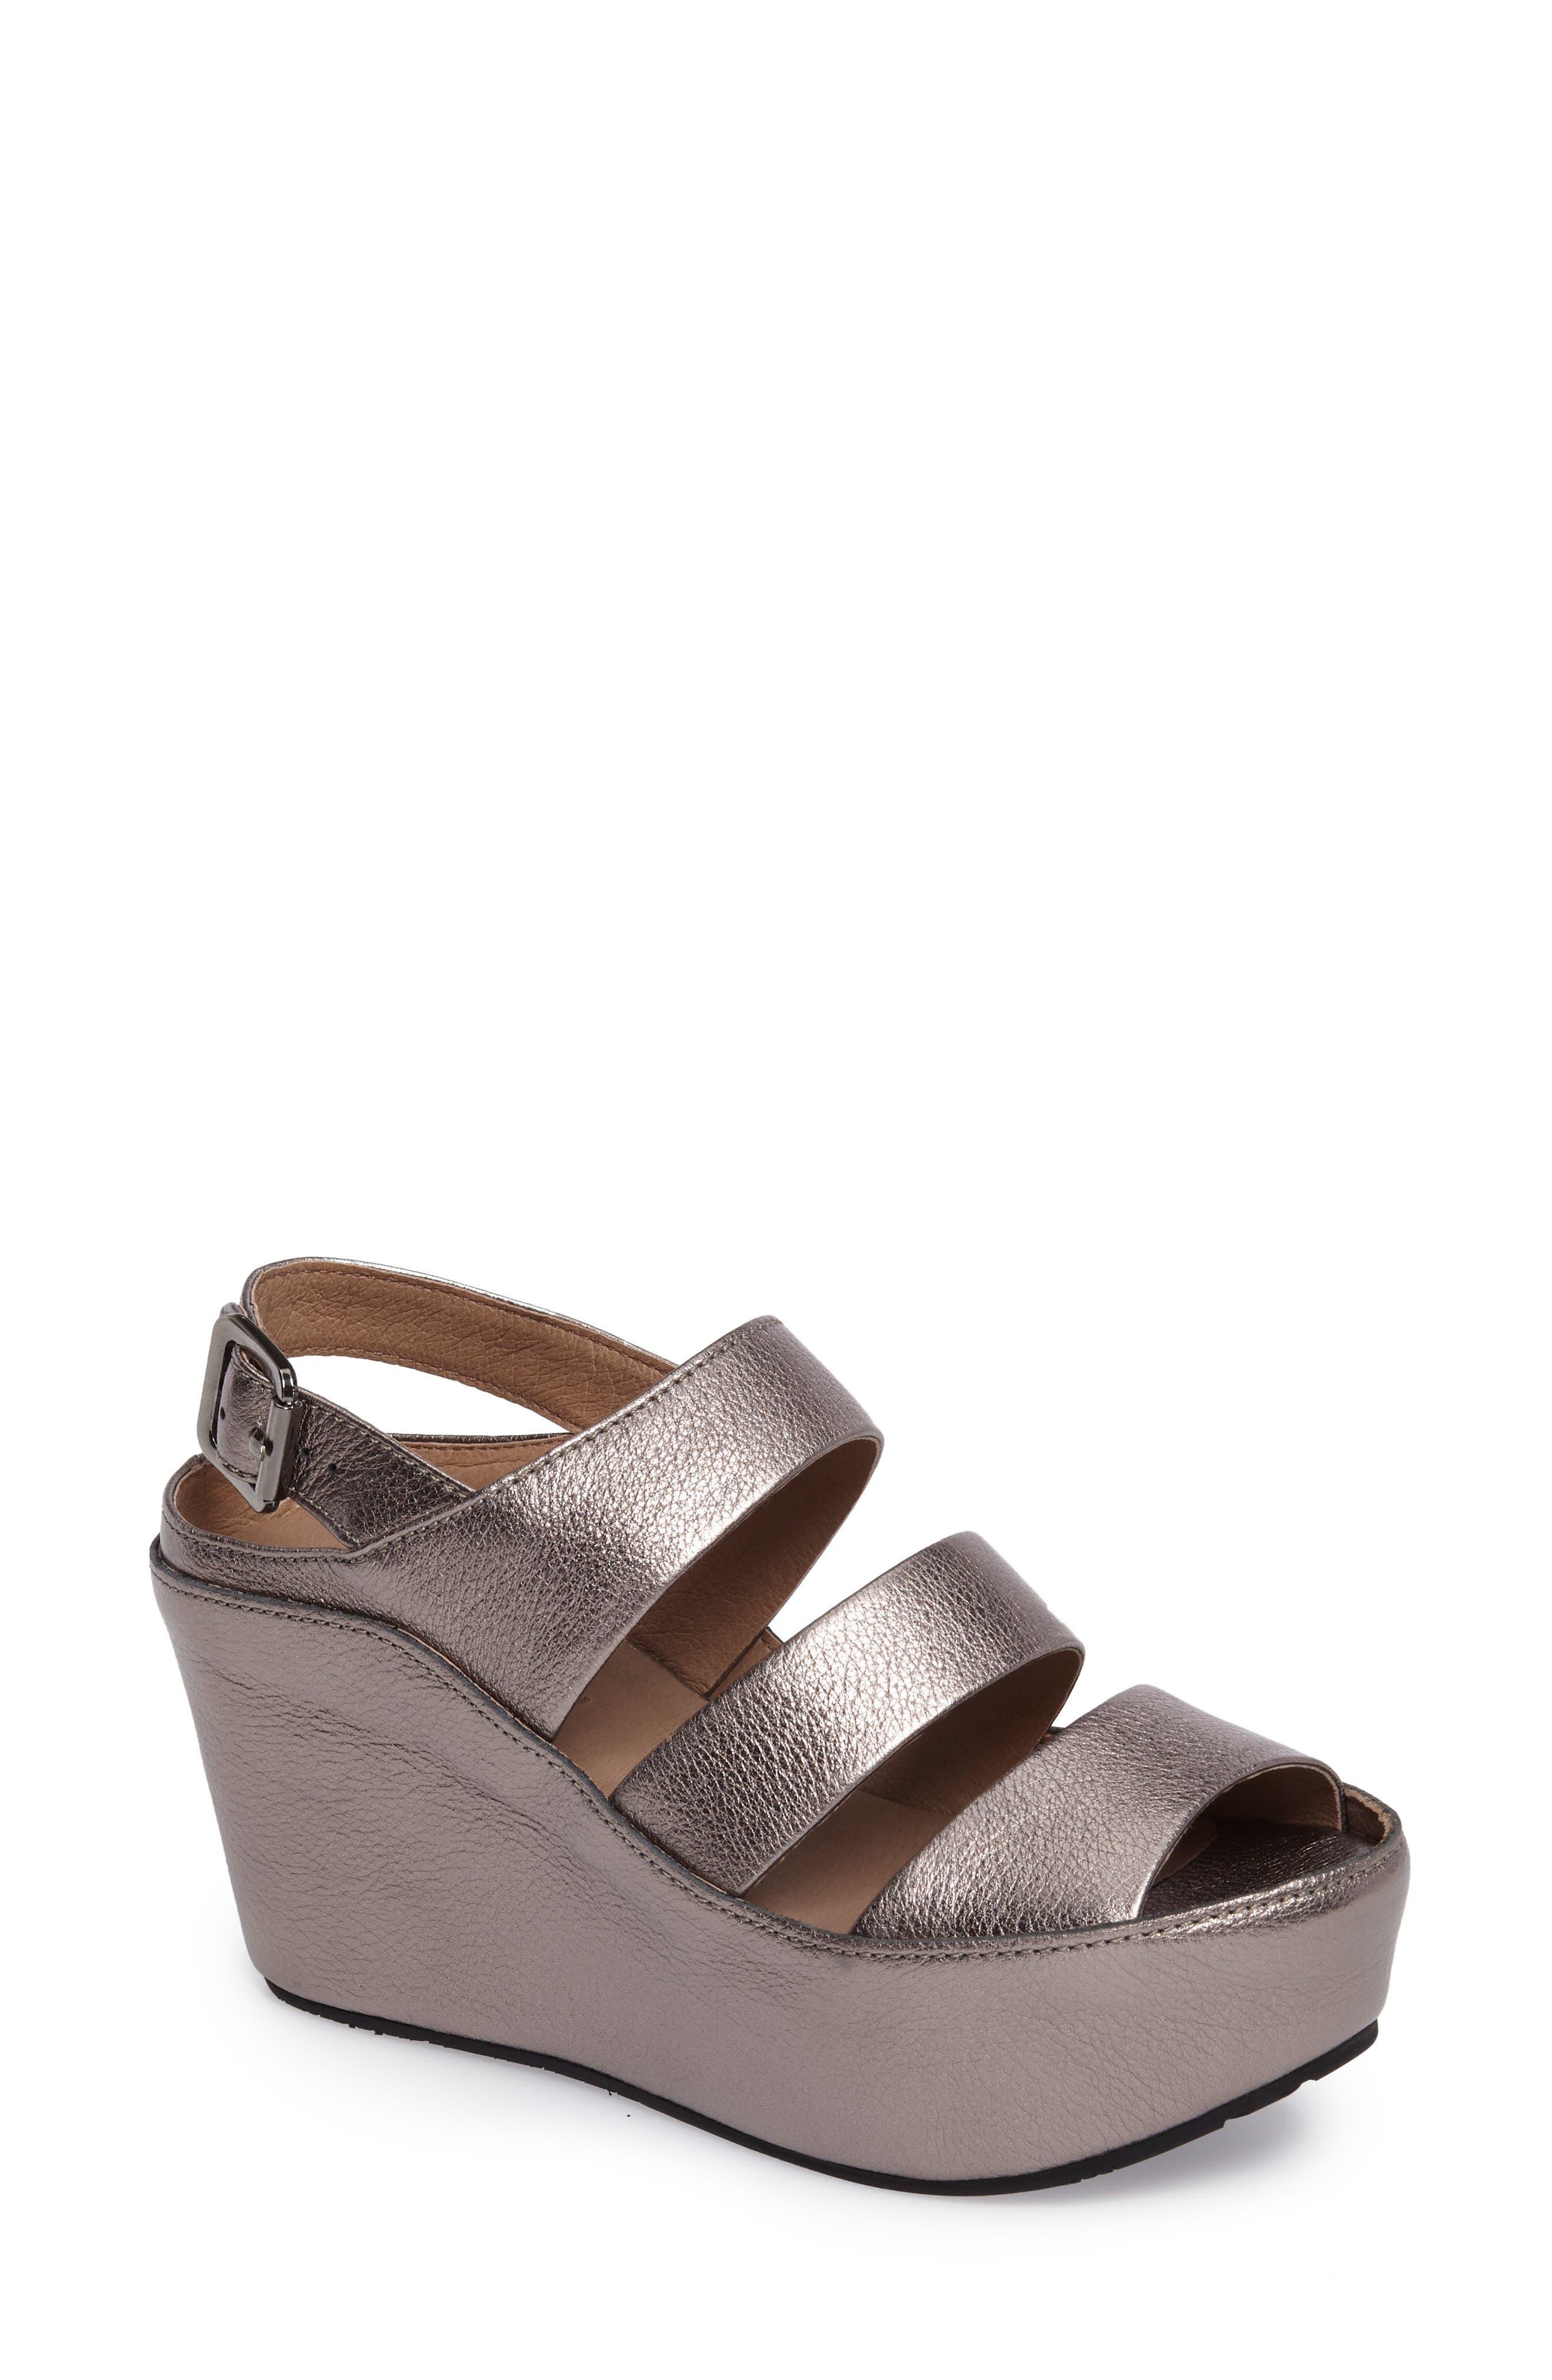 Chocolat Blu Windsor Platform Wedge Sandal- Metallic